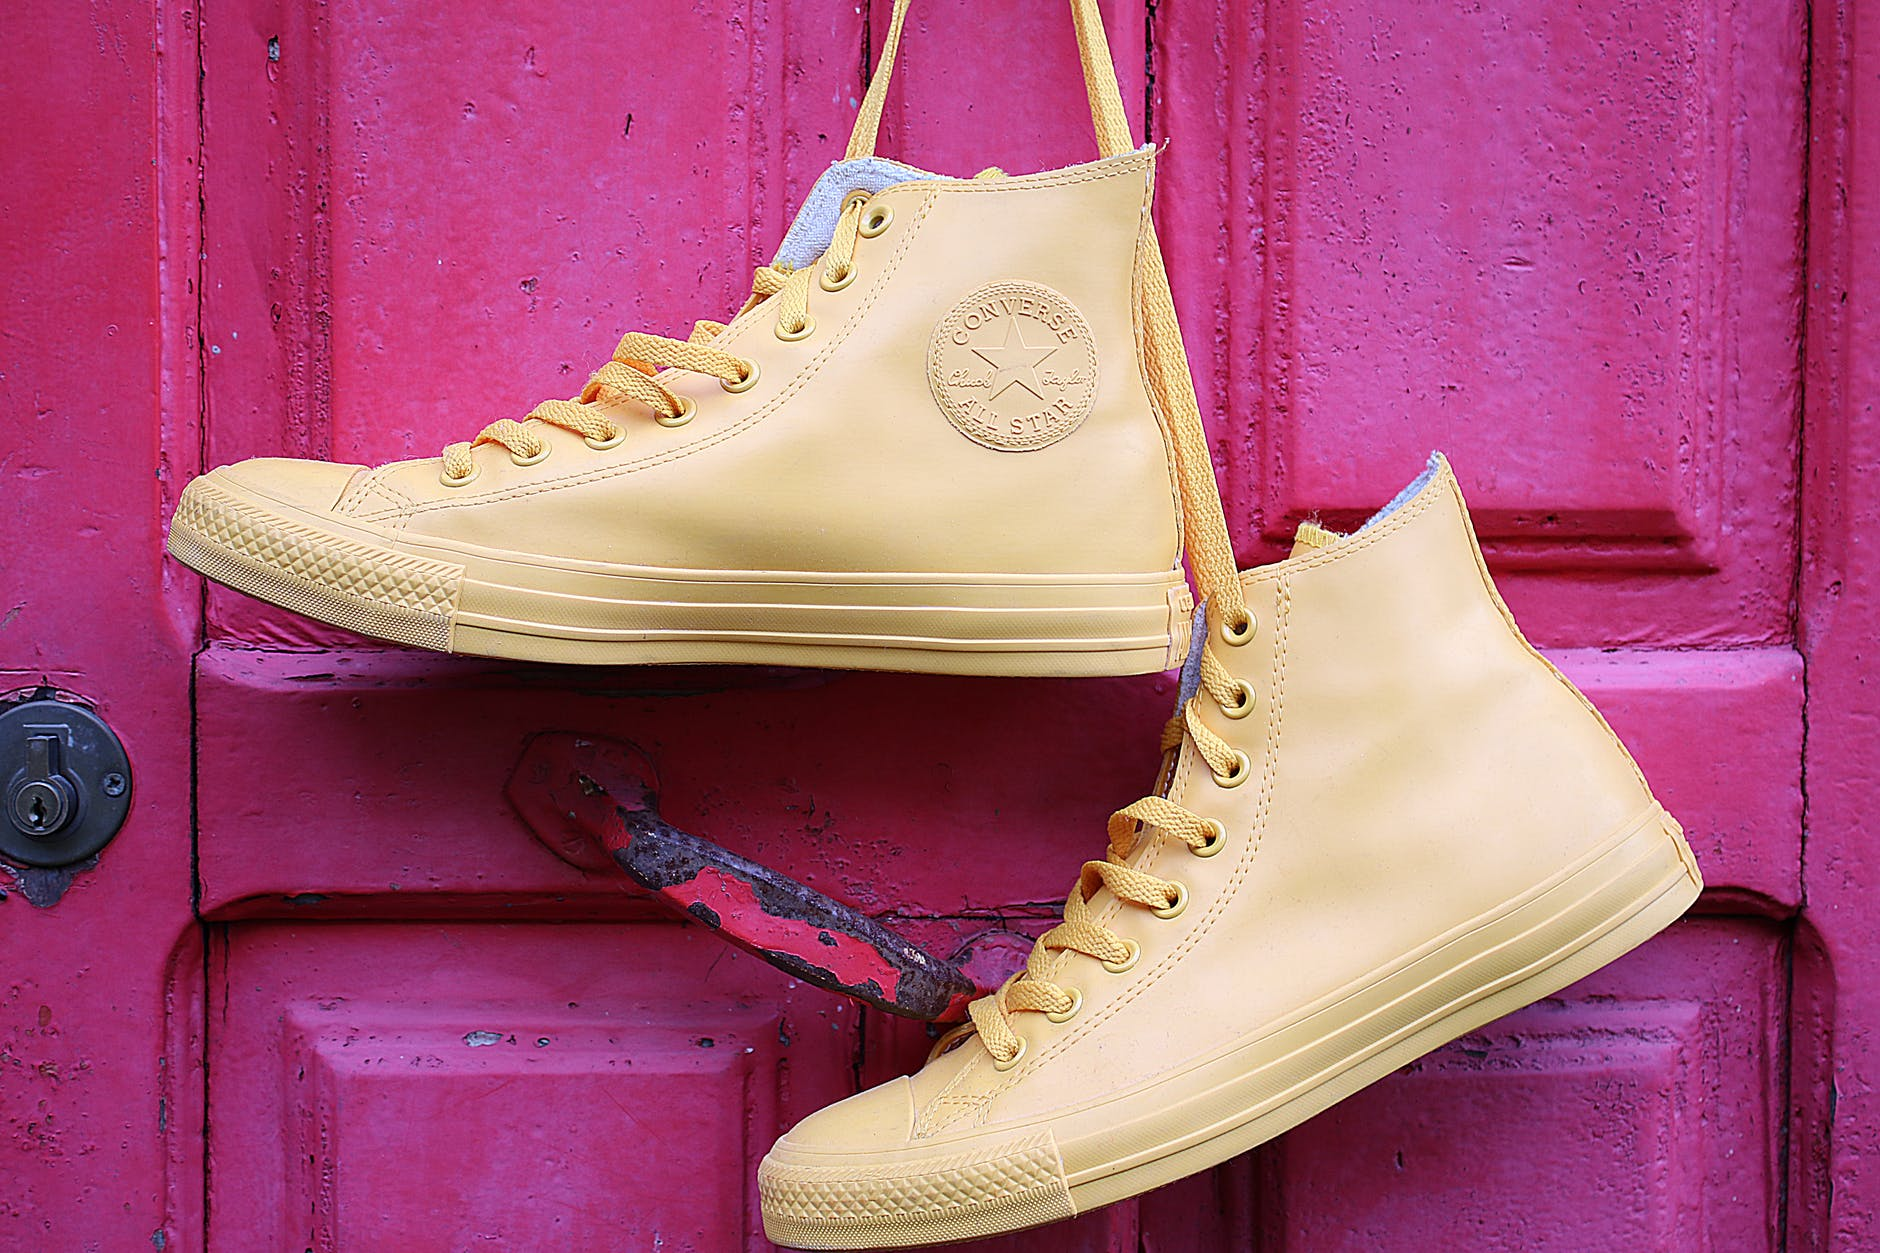 Occasion Ayakkabı Modellerine Trendyol Güvencesiyle Ulaşabilirsiniz!